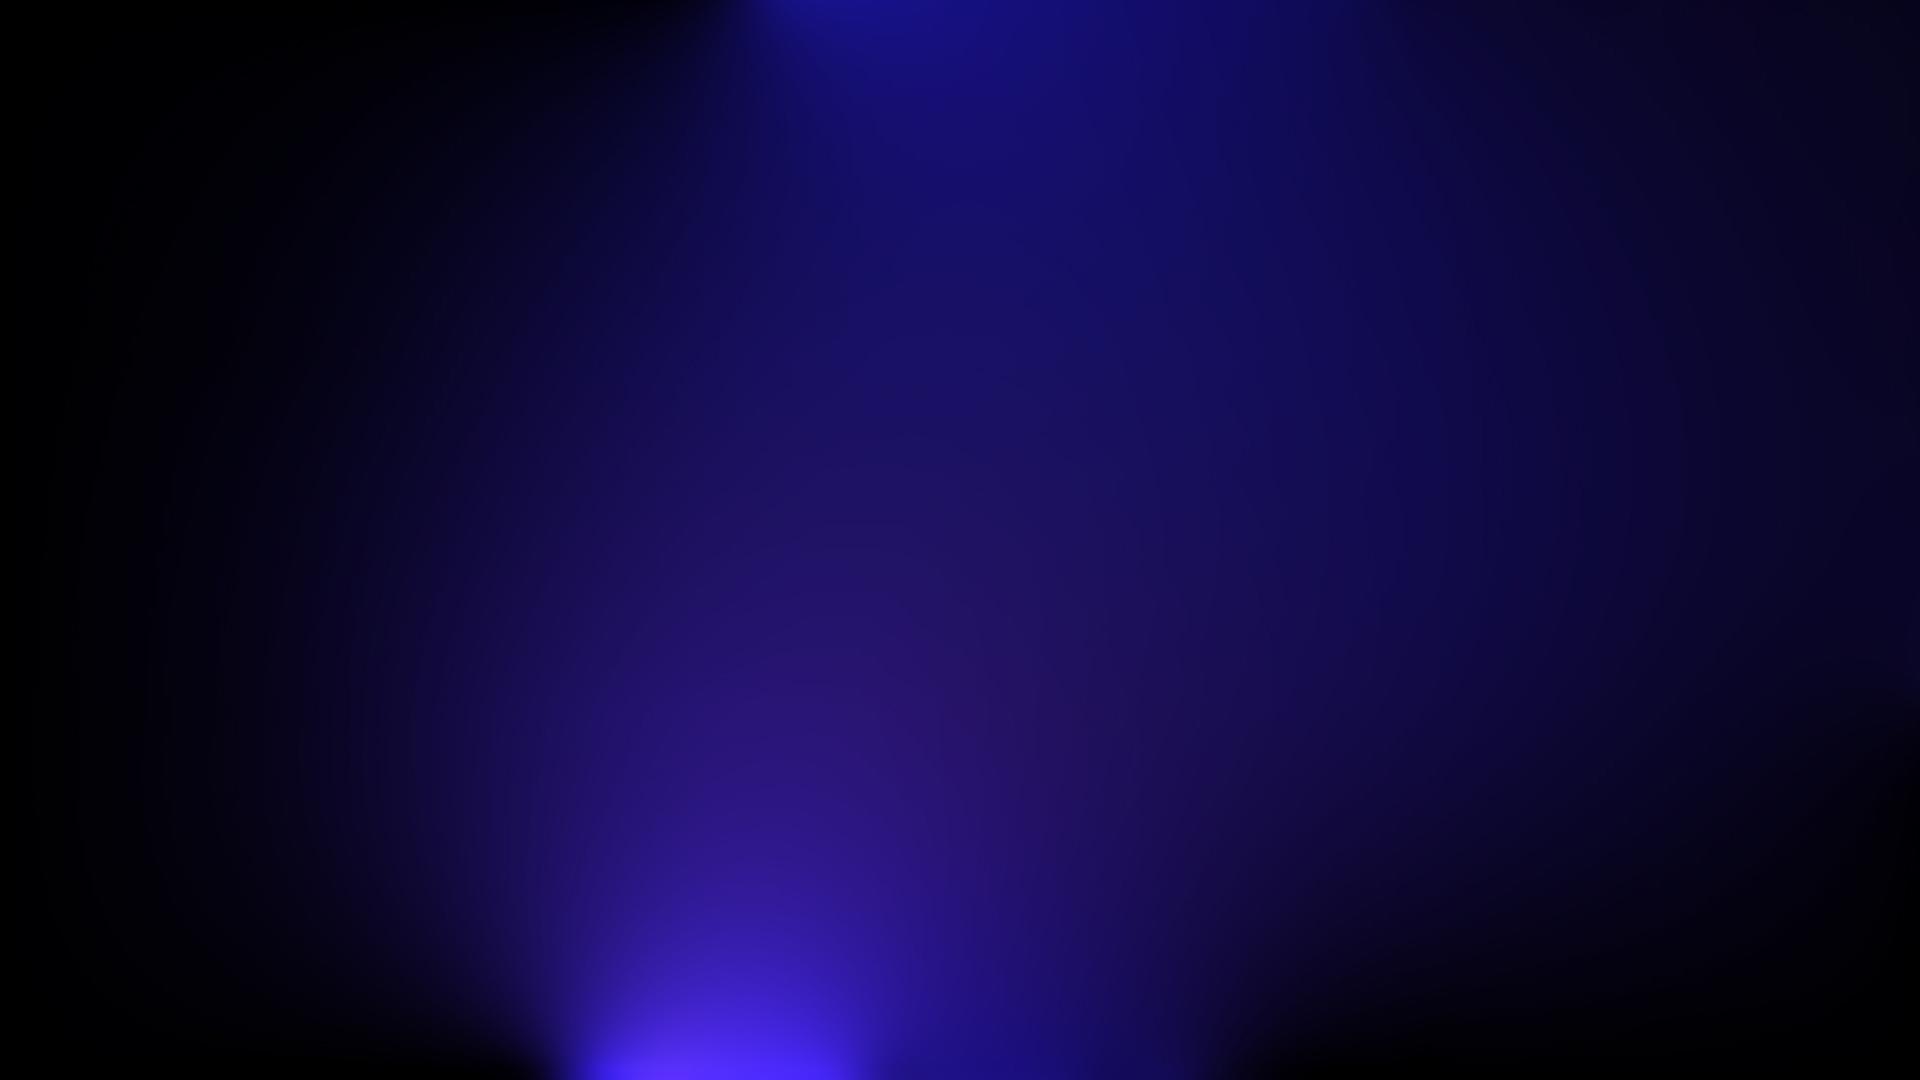 обои на рабочий стол темно синие тона первую очередь